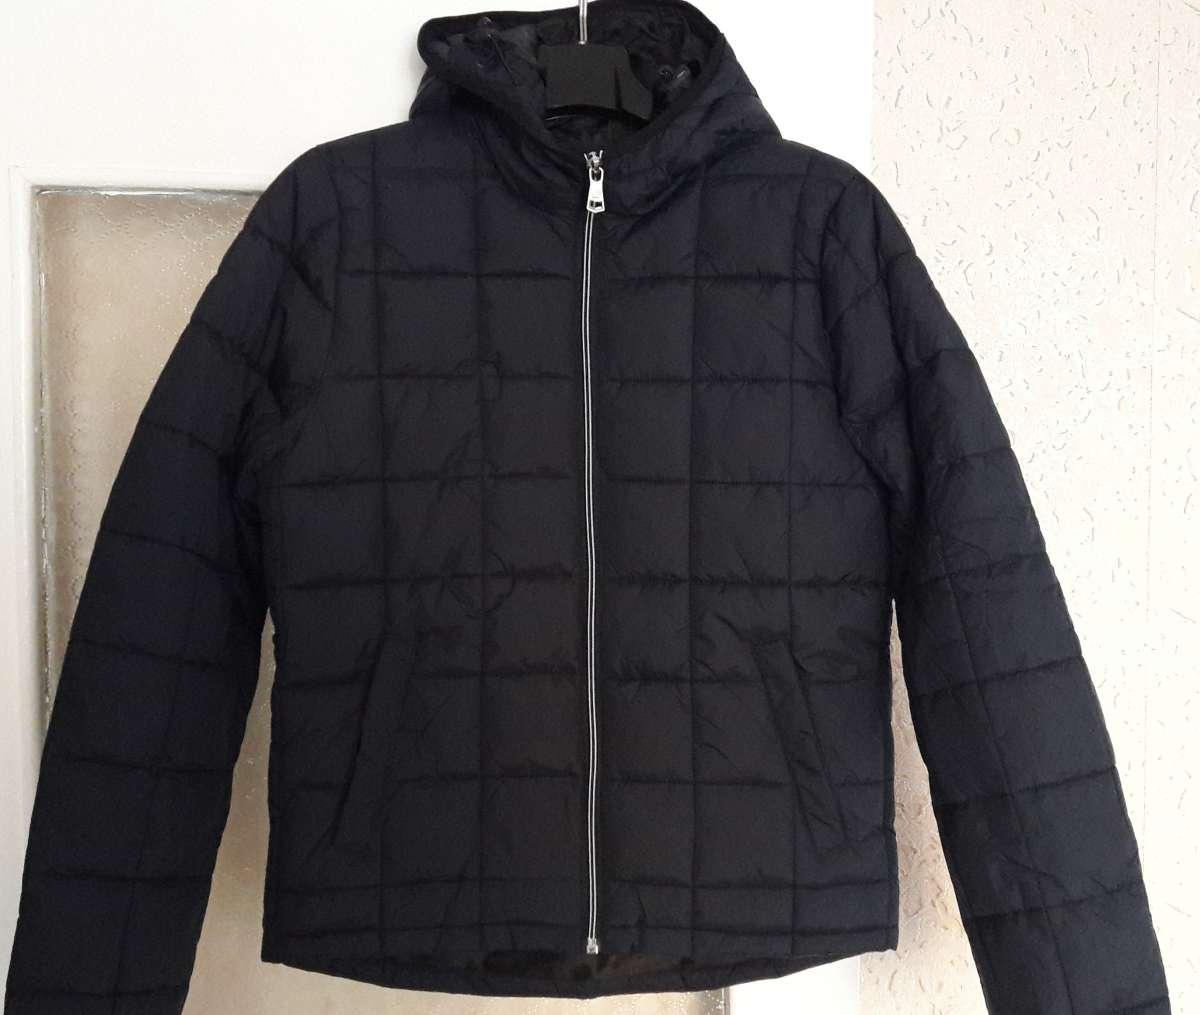 Куртка мужская осень-весна, р.М, новая